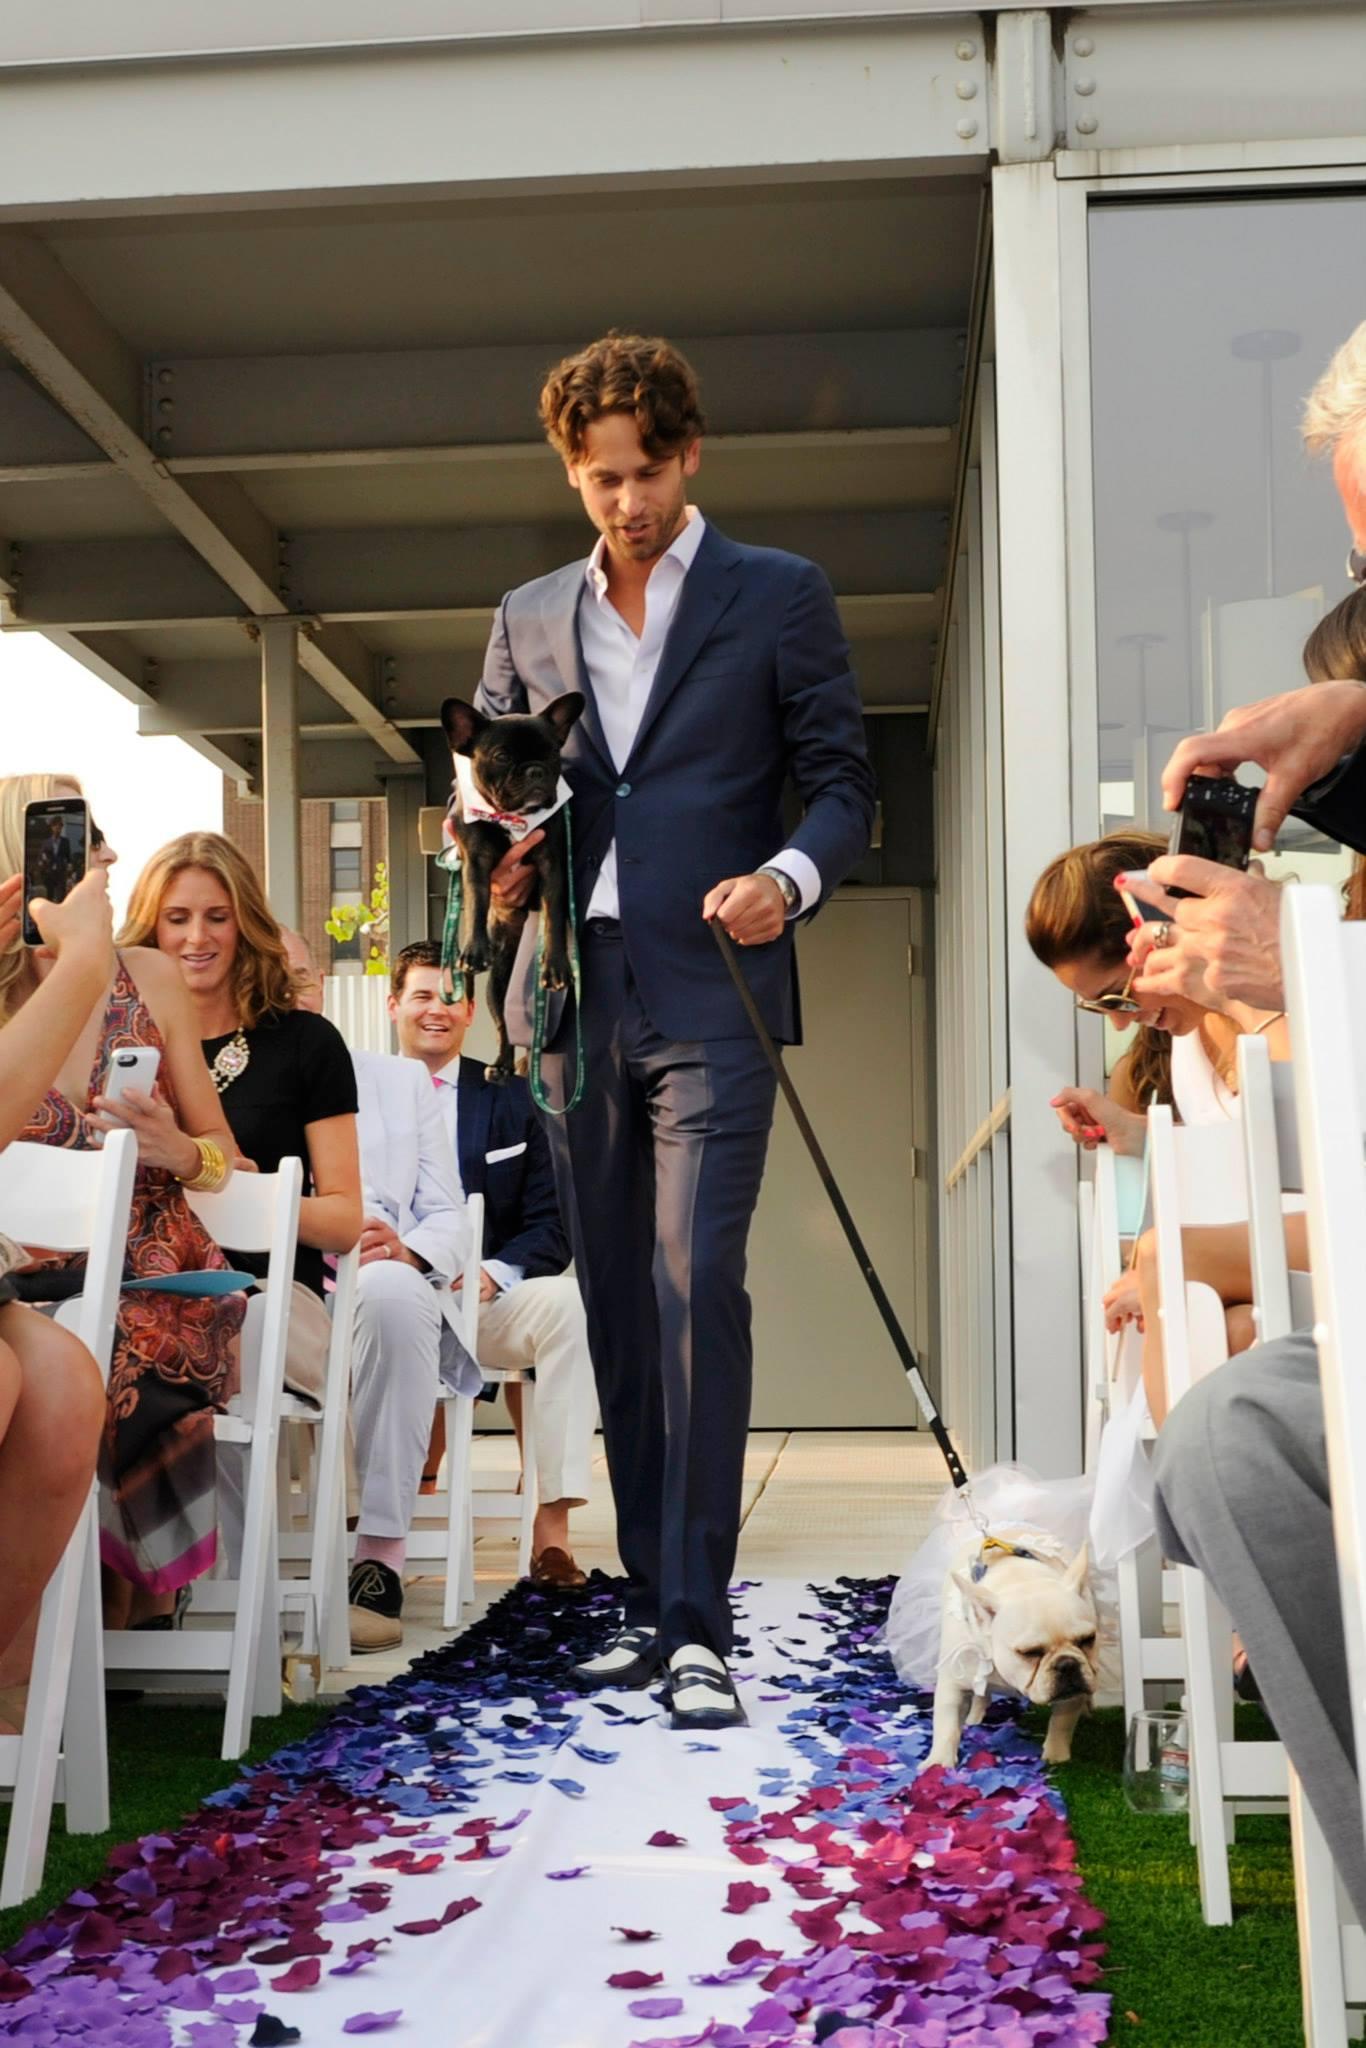 Surprise Rooftop Wedding - Rachel De Marte Events